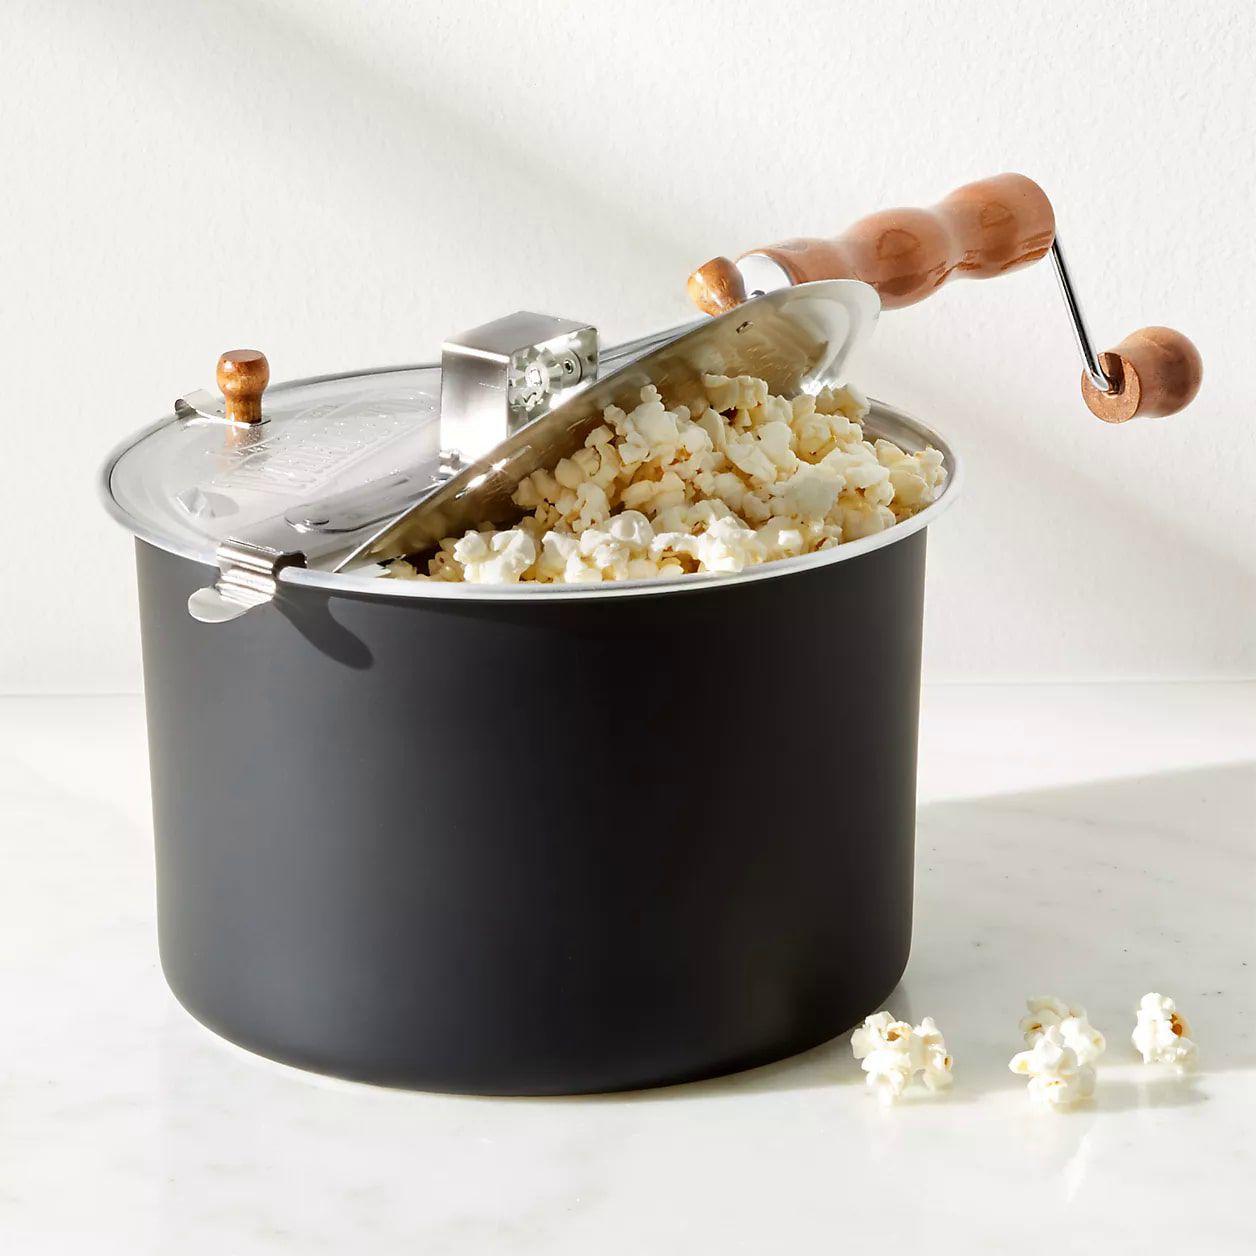 stovetop-popcorn-maker